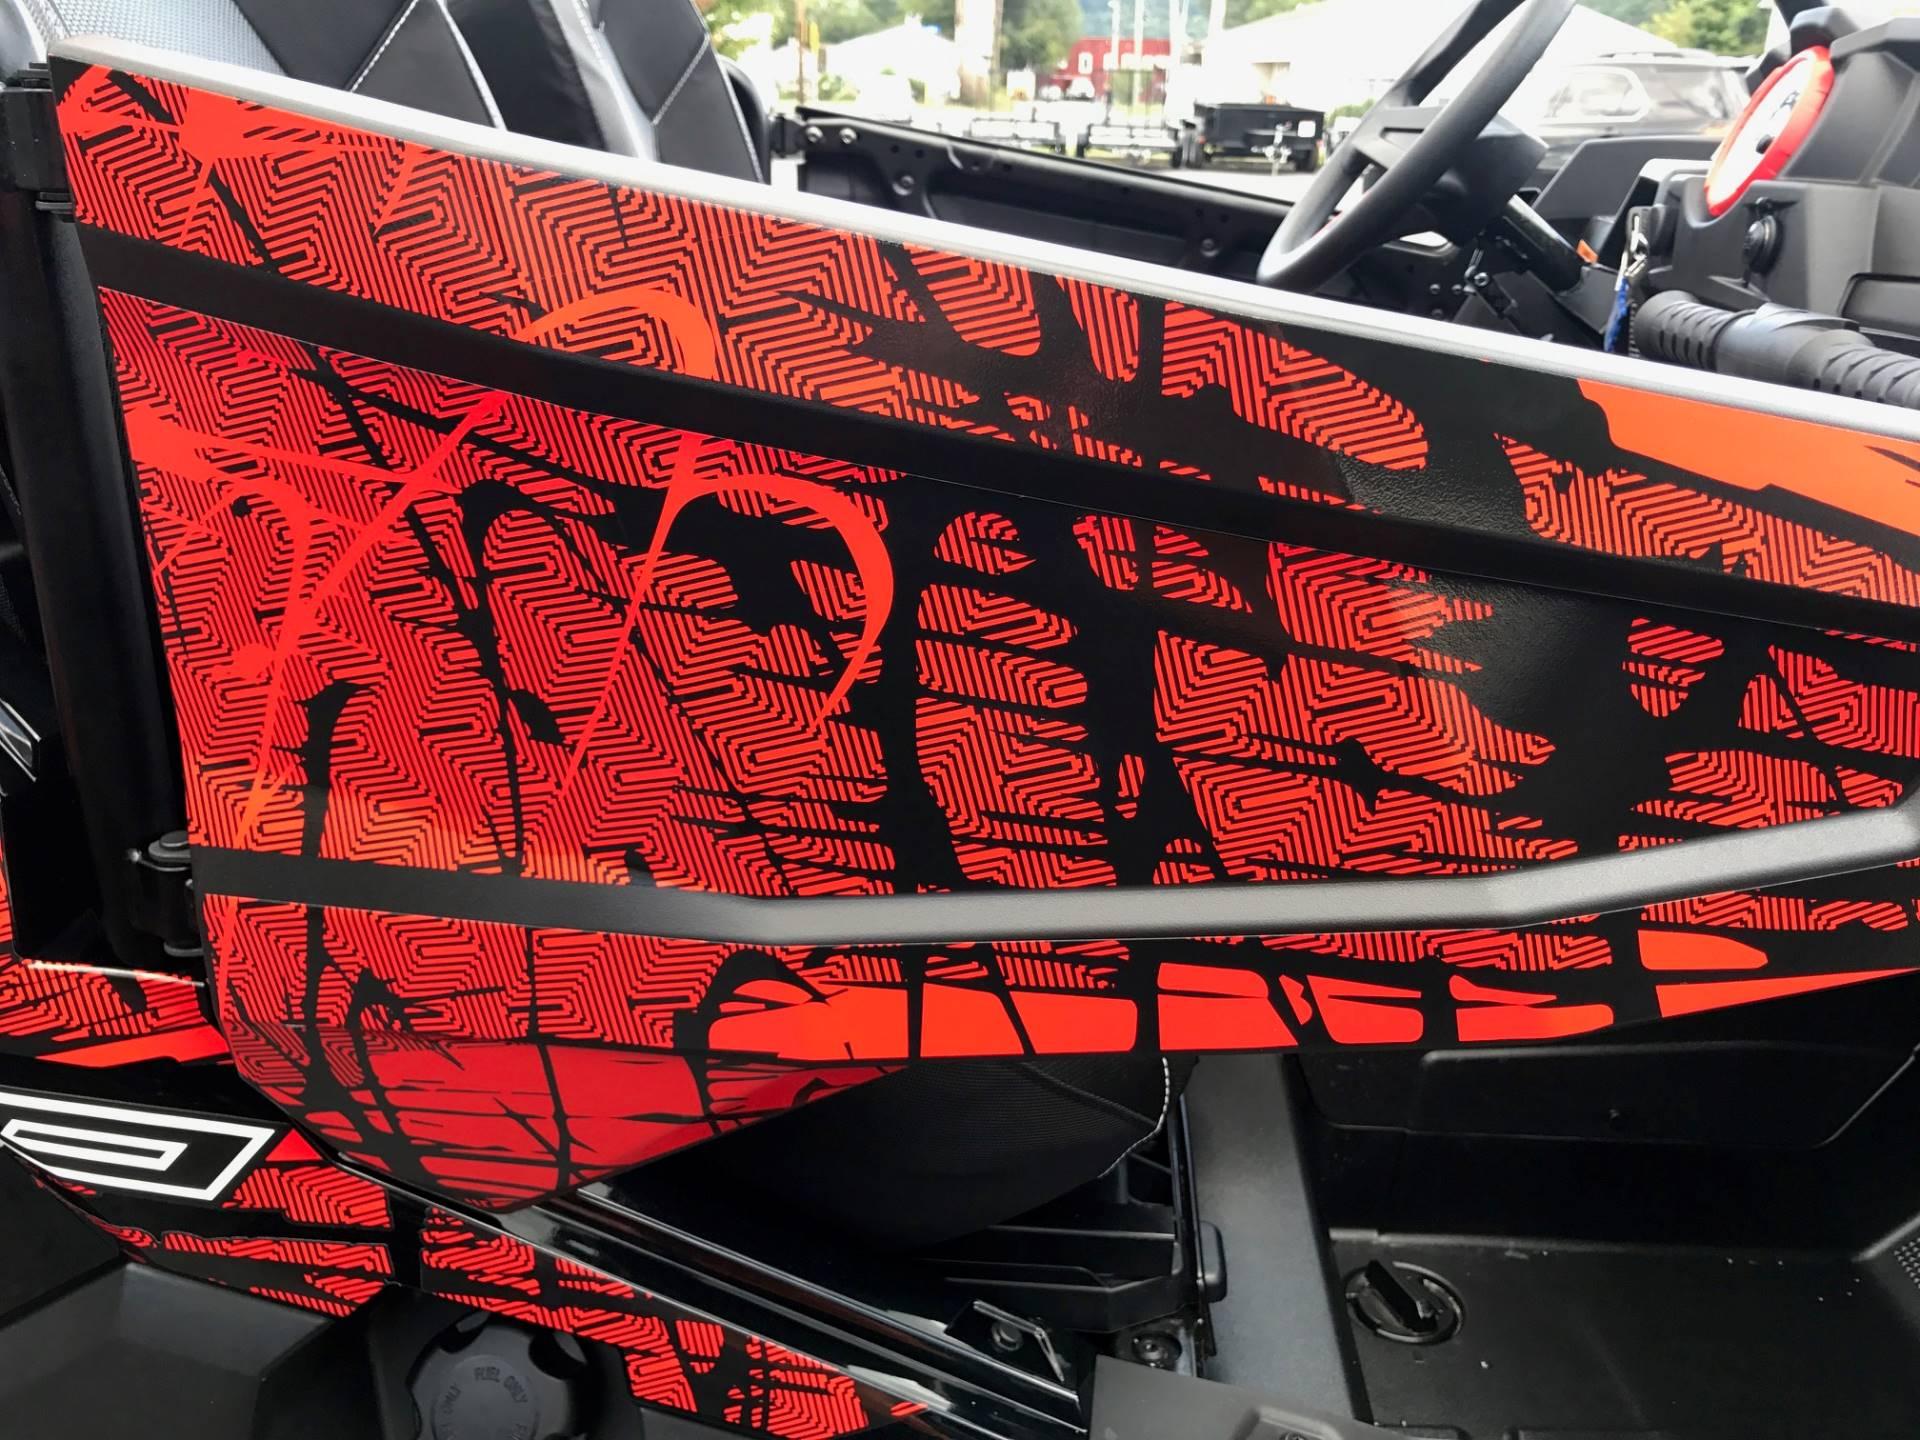 2018 Polaris RZR XP 1000 EPS 3